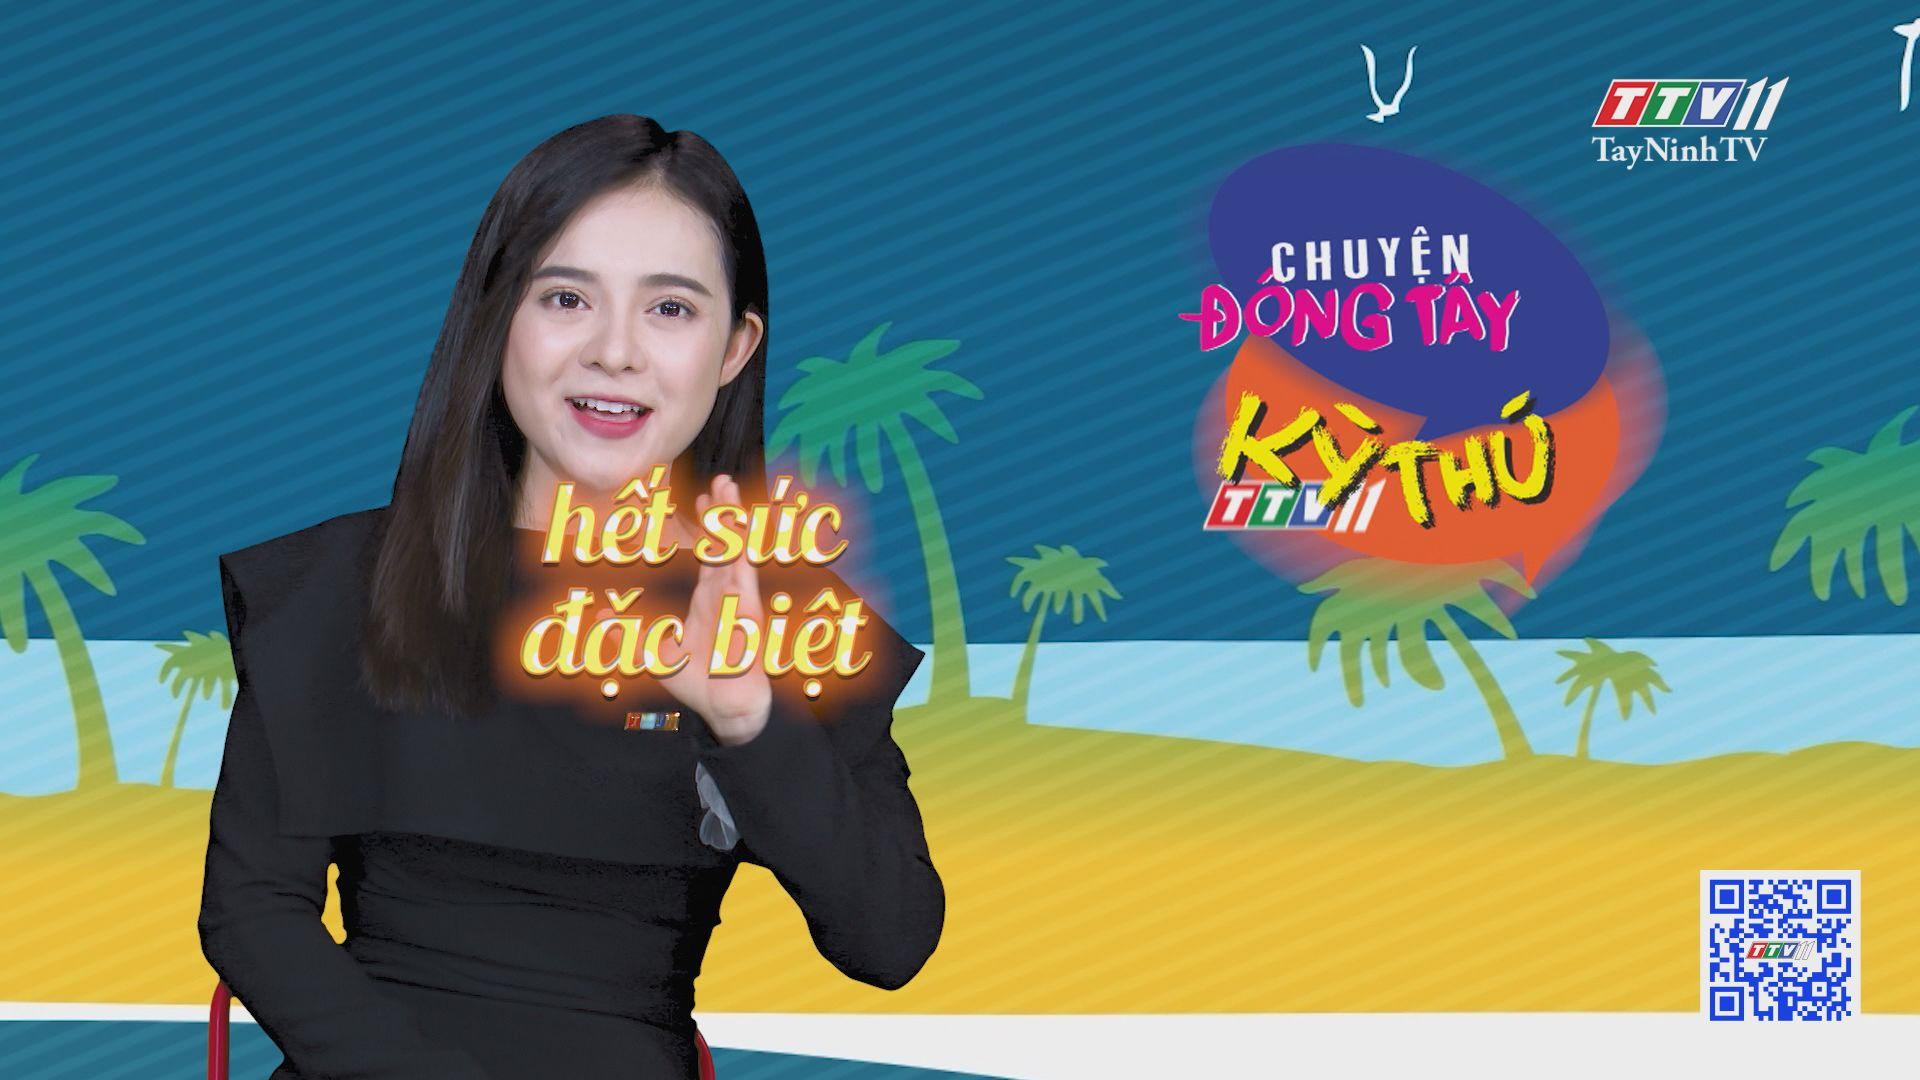 Chuyện Đông Tây Kỳ Thú 03-8-2020 | TayNinhTV